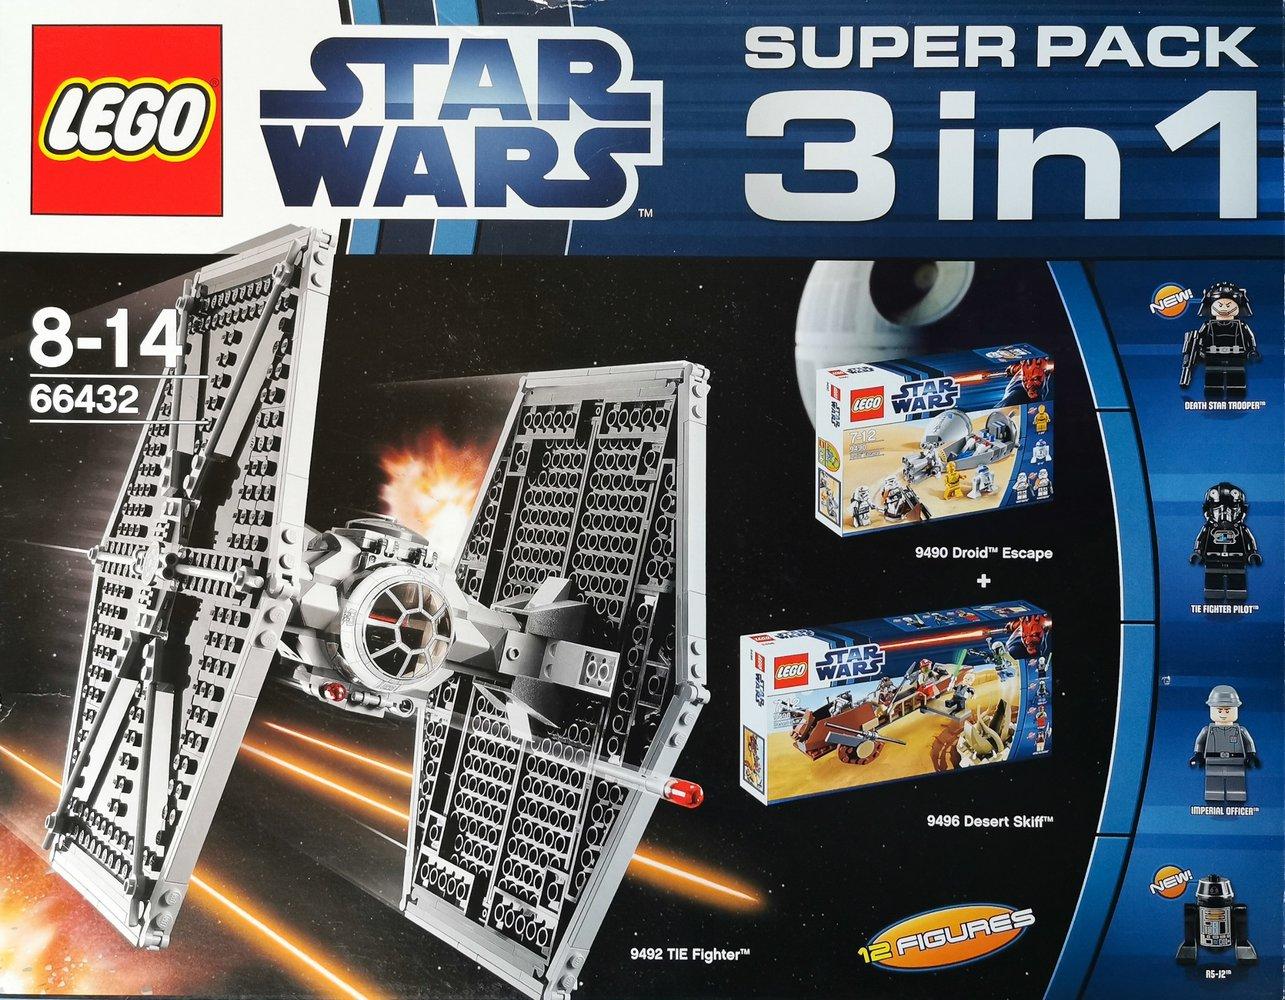 Super Pack 3 in 1